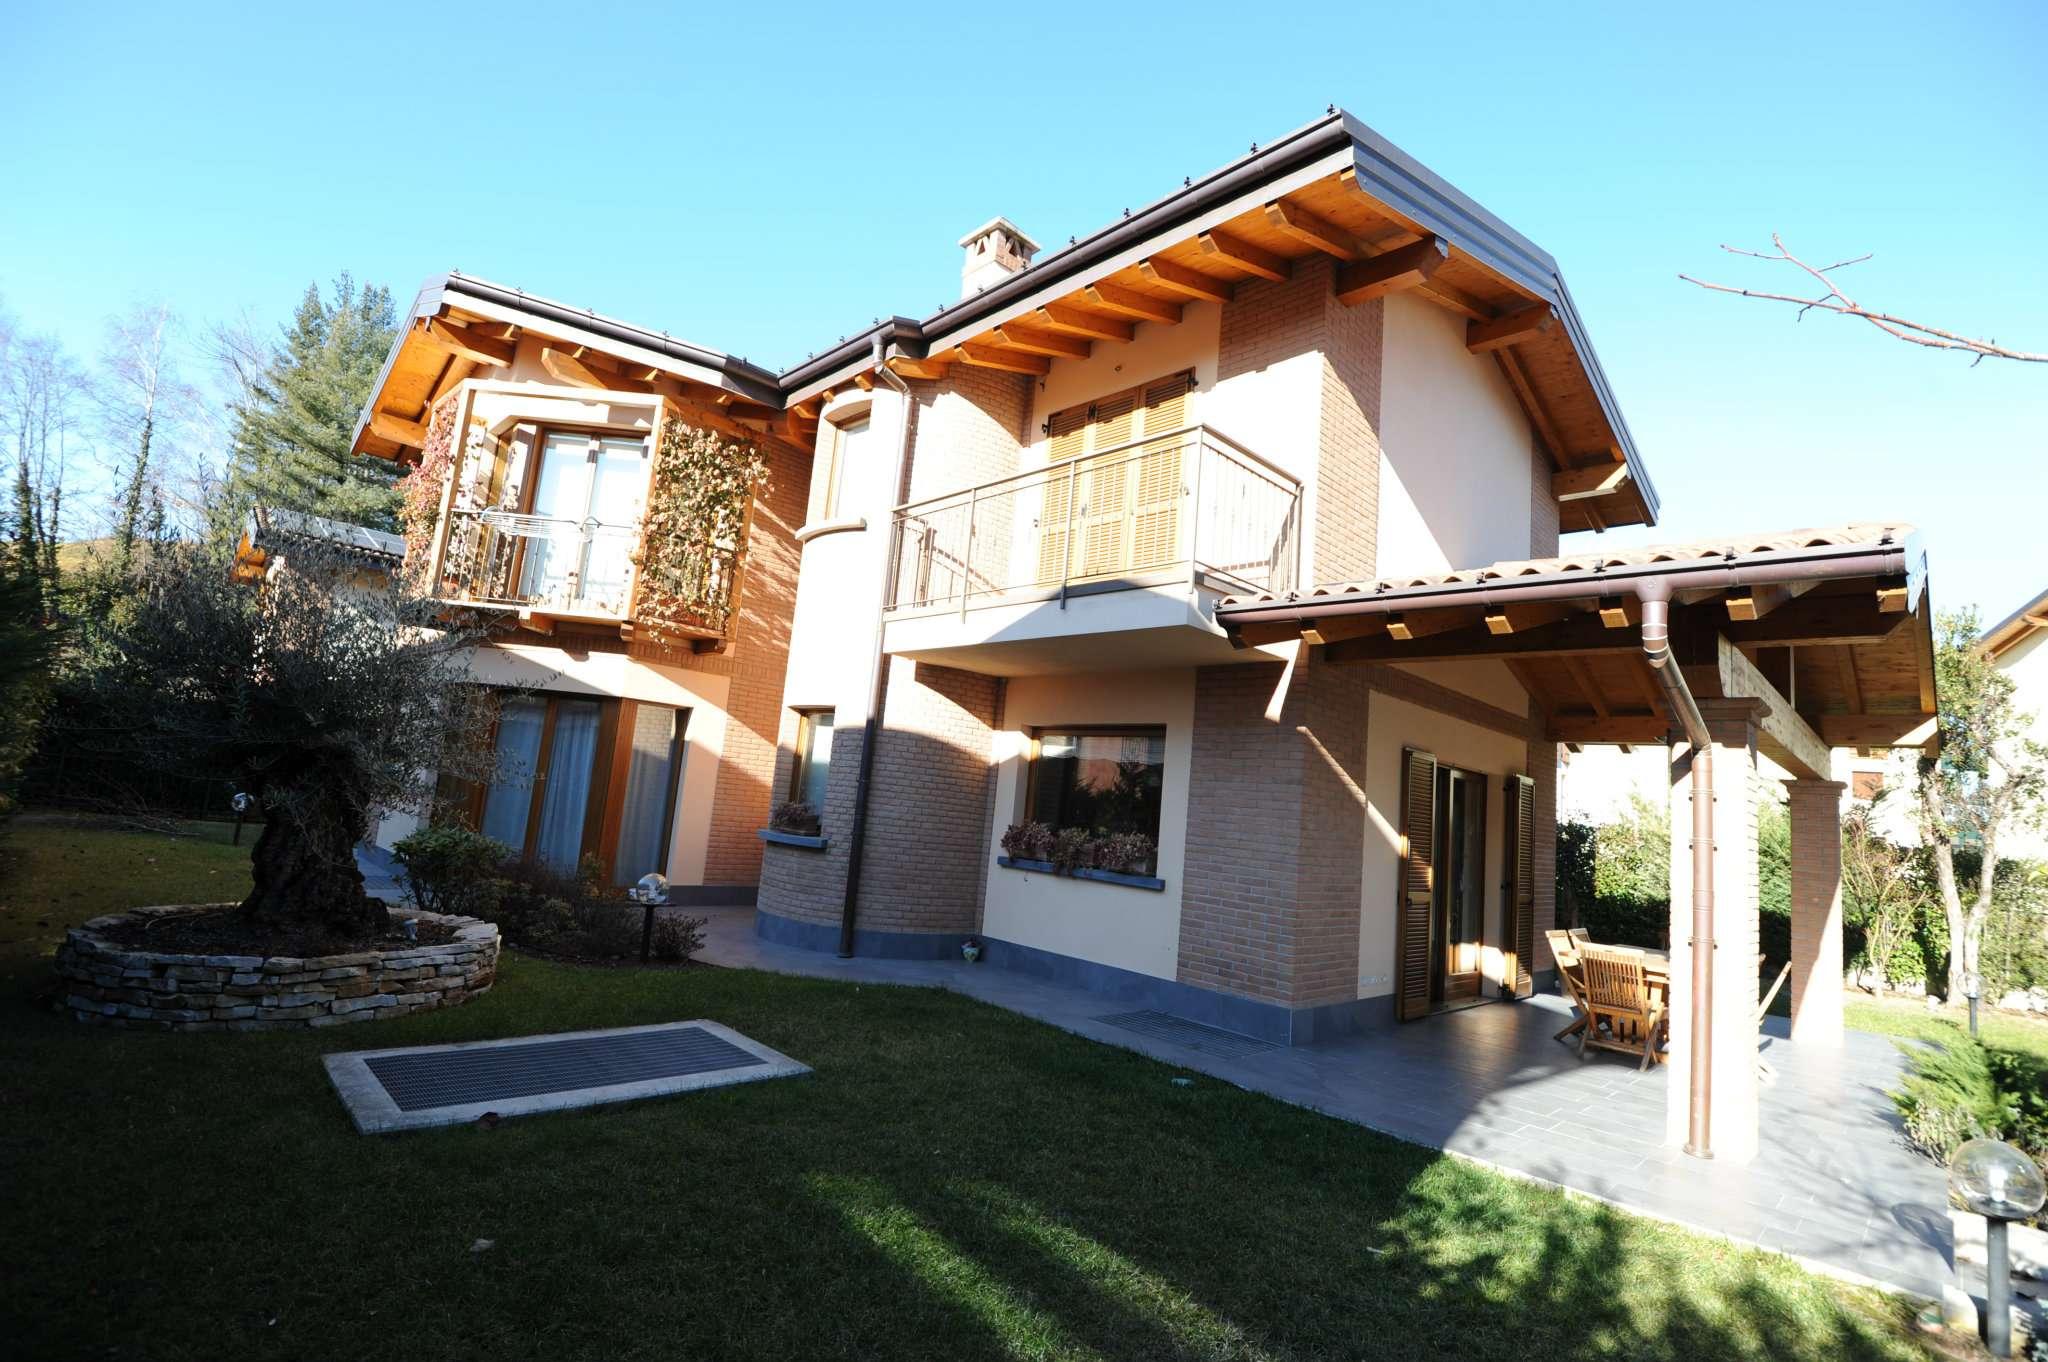 Villa in vendita a Sorisole, 5 locali, prezzo € 690.000   CambioCasa.it